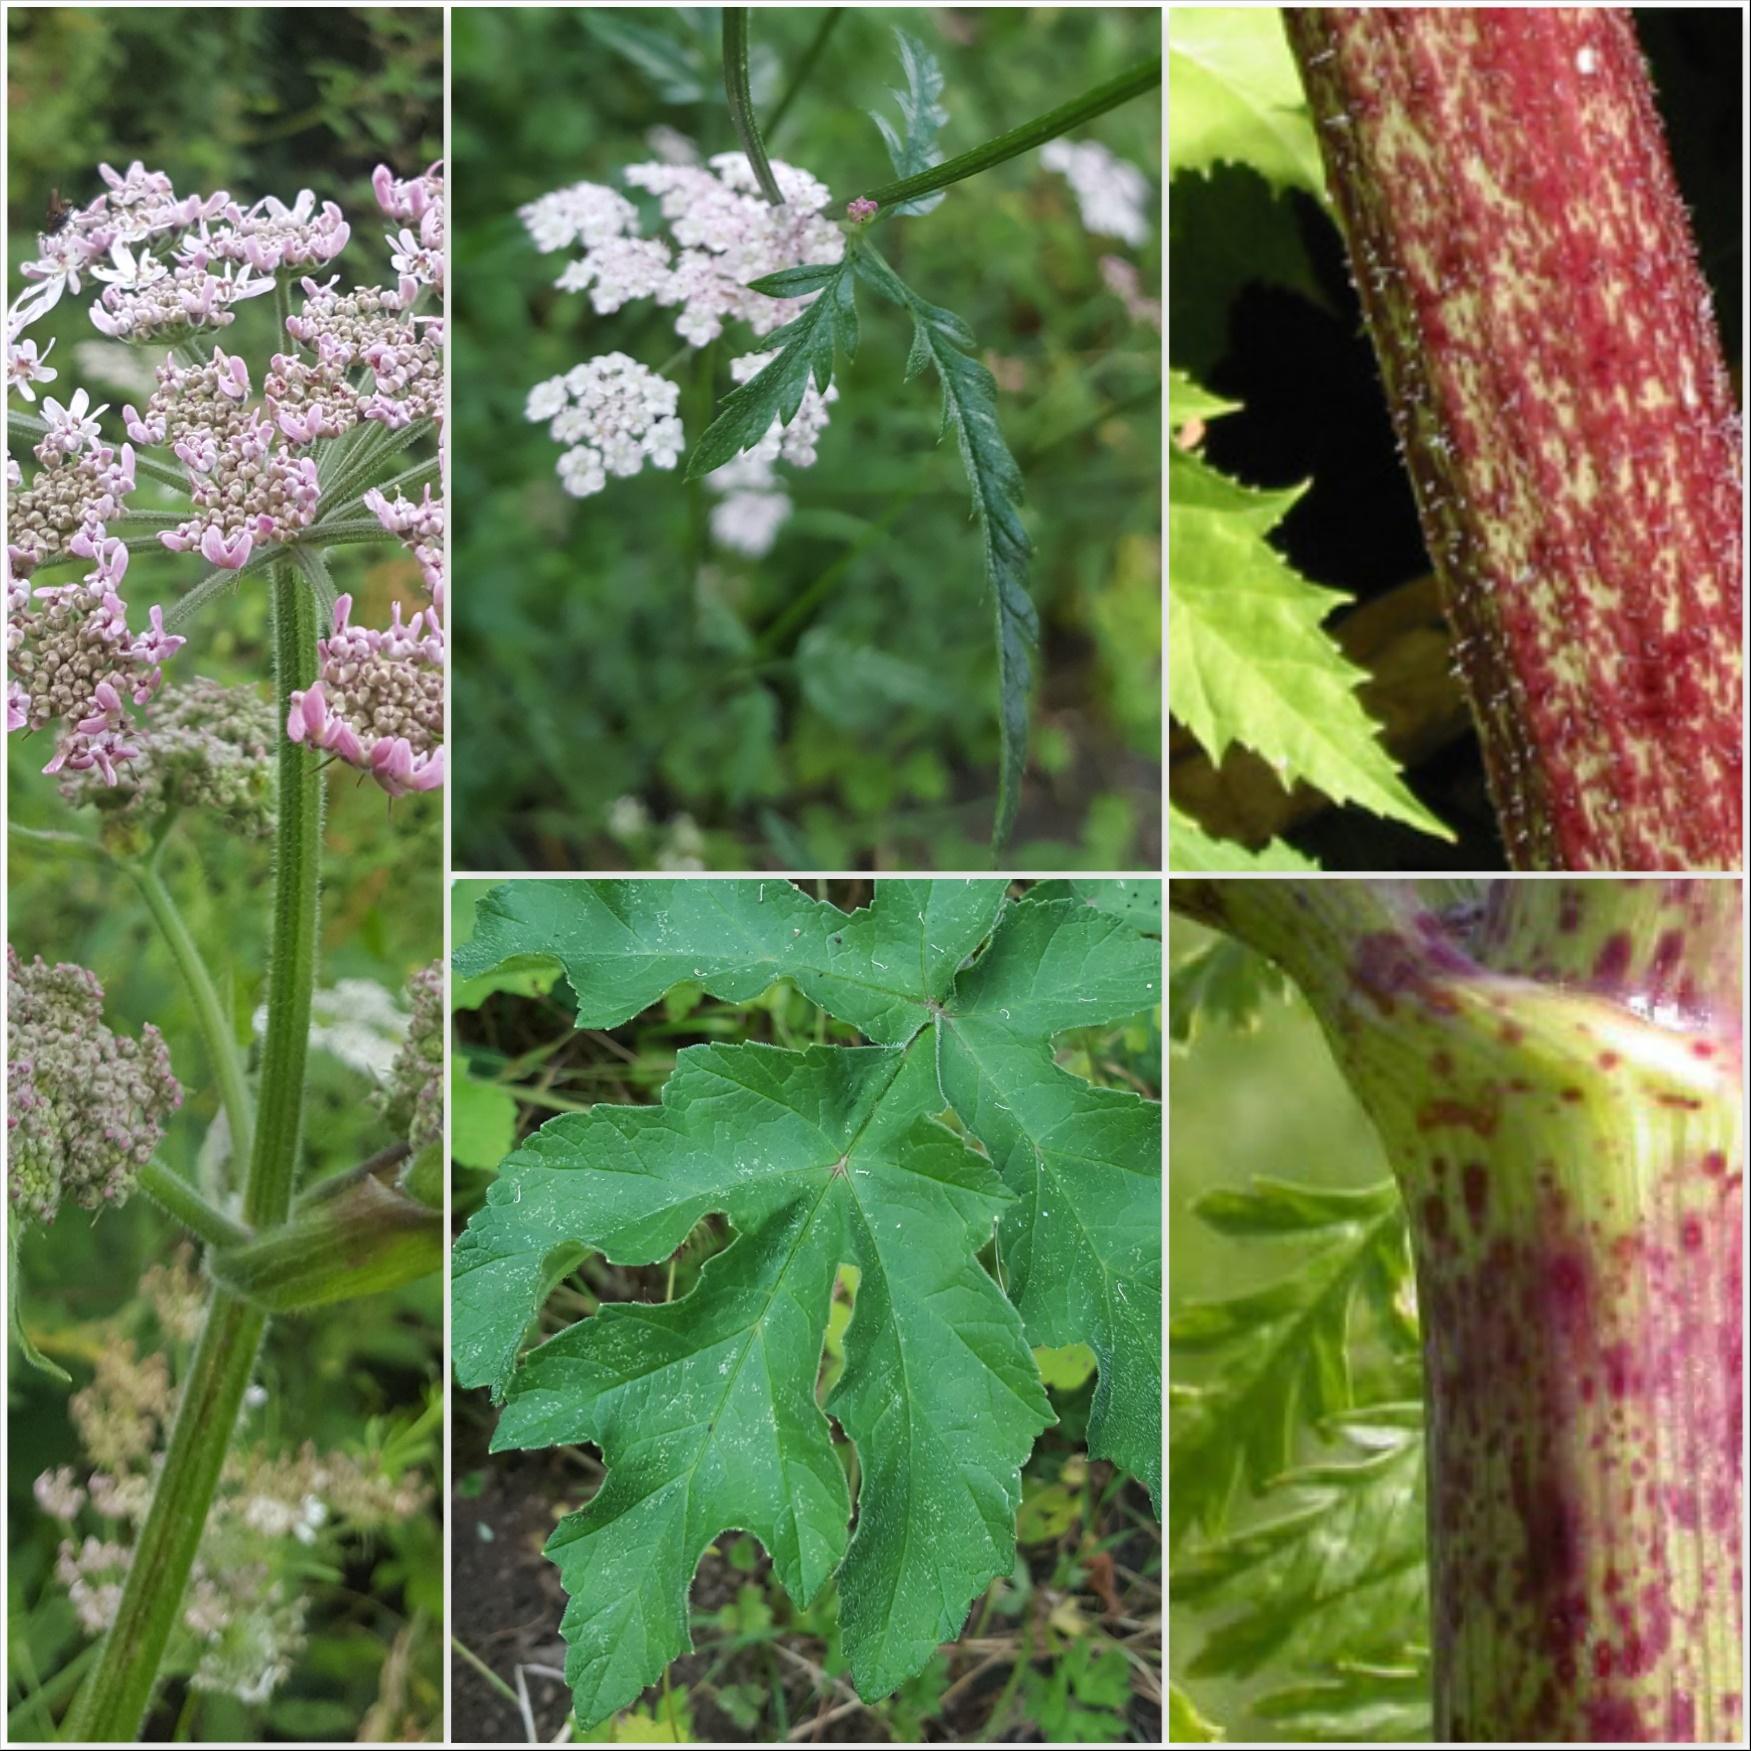 Common Hogweed, Cow Parsley, Giant Hogweed and Hemlock Leaves Stems - The Last Krystallos